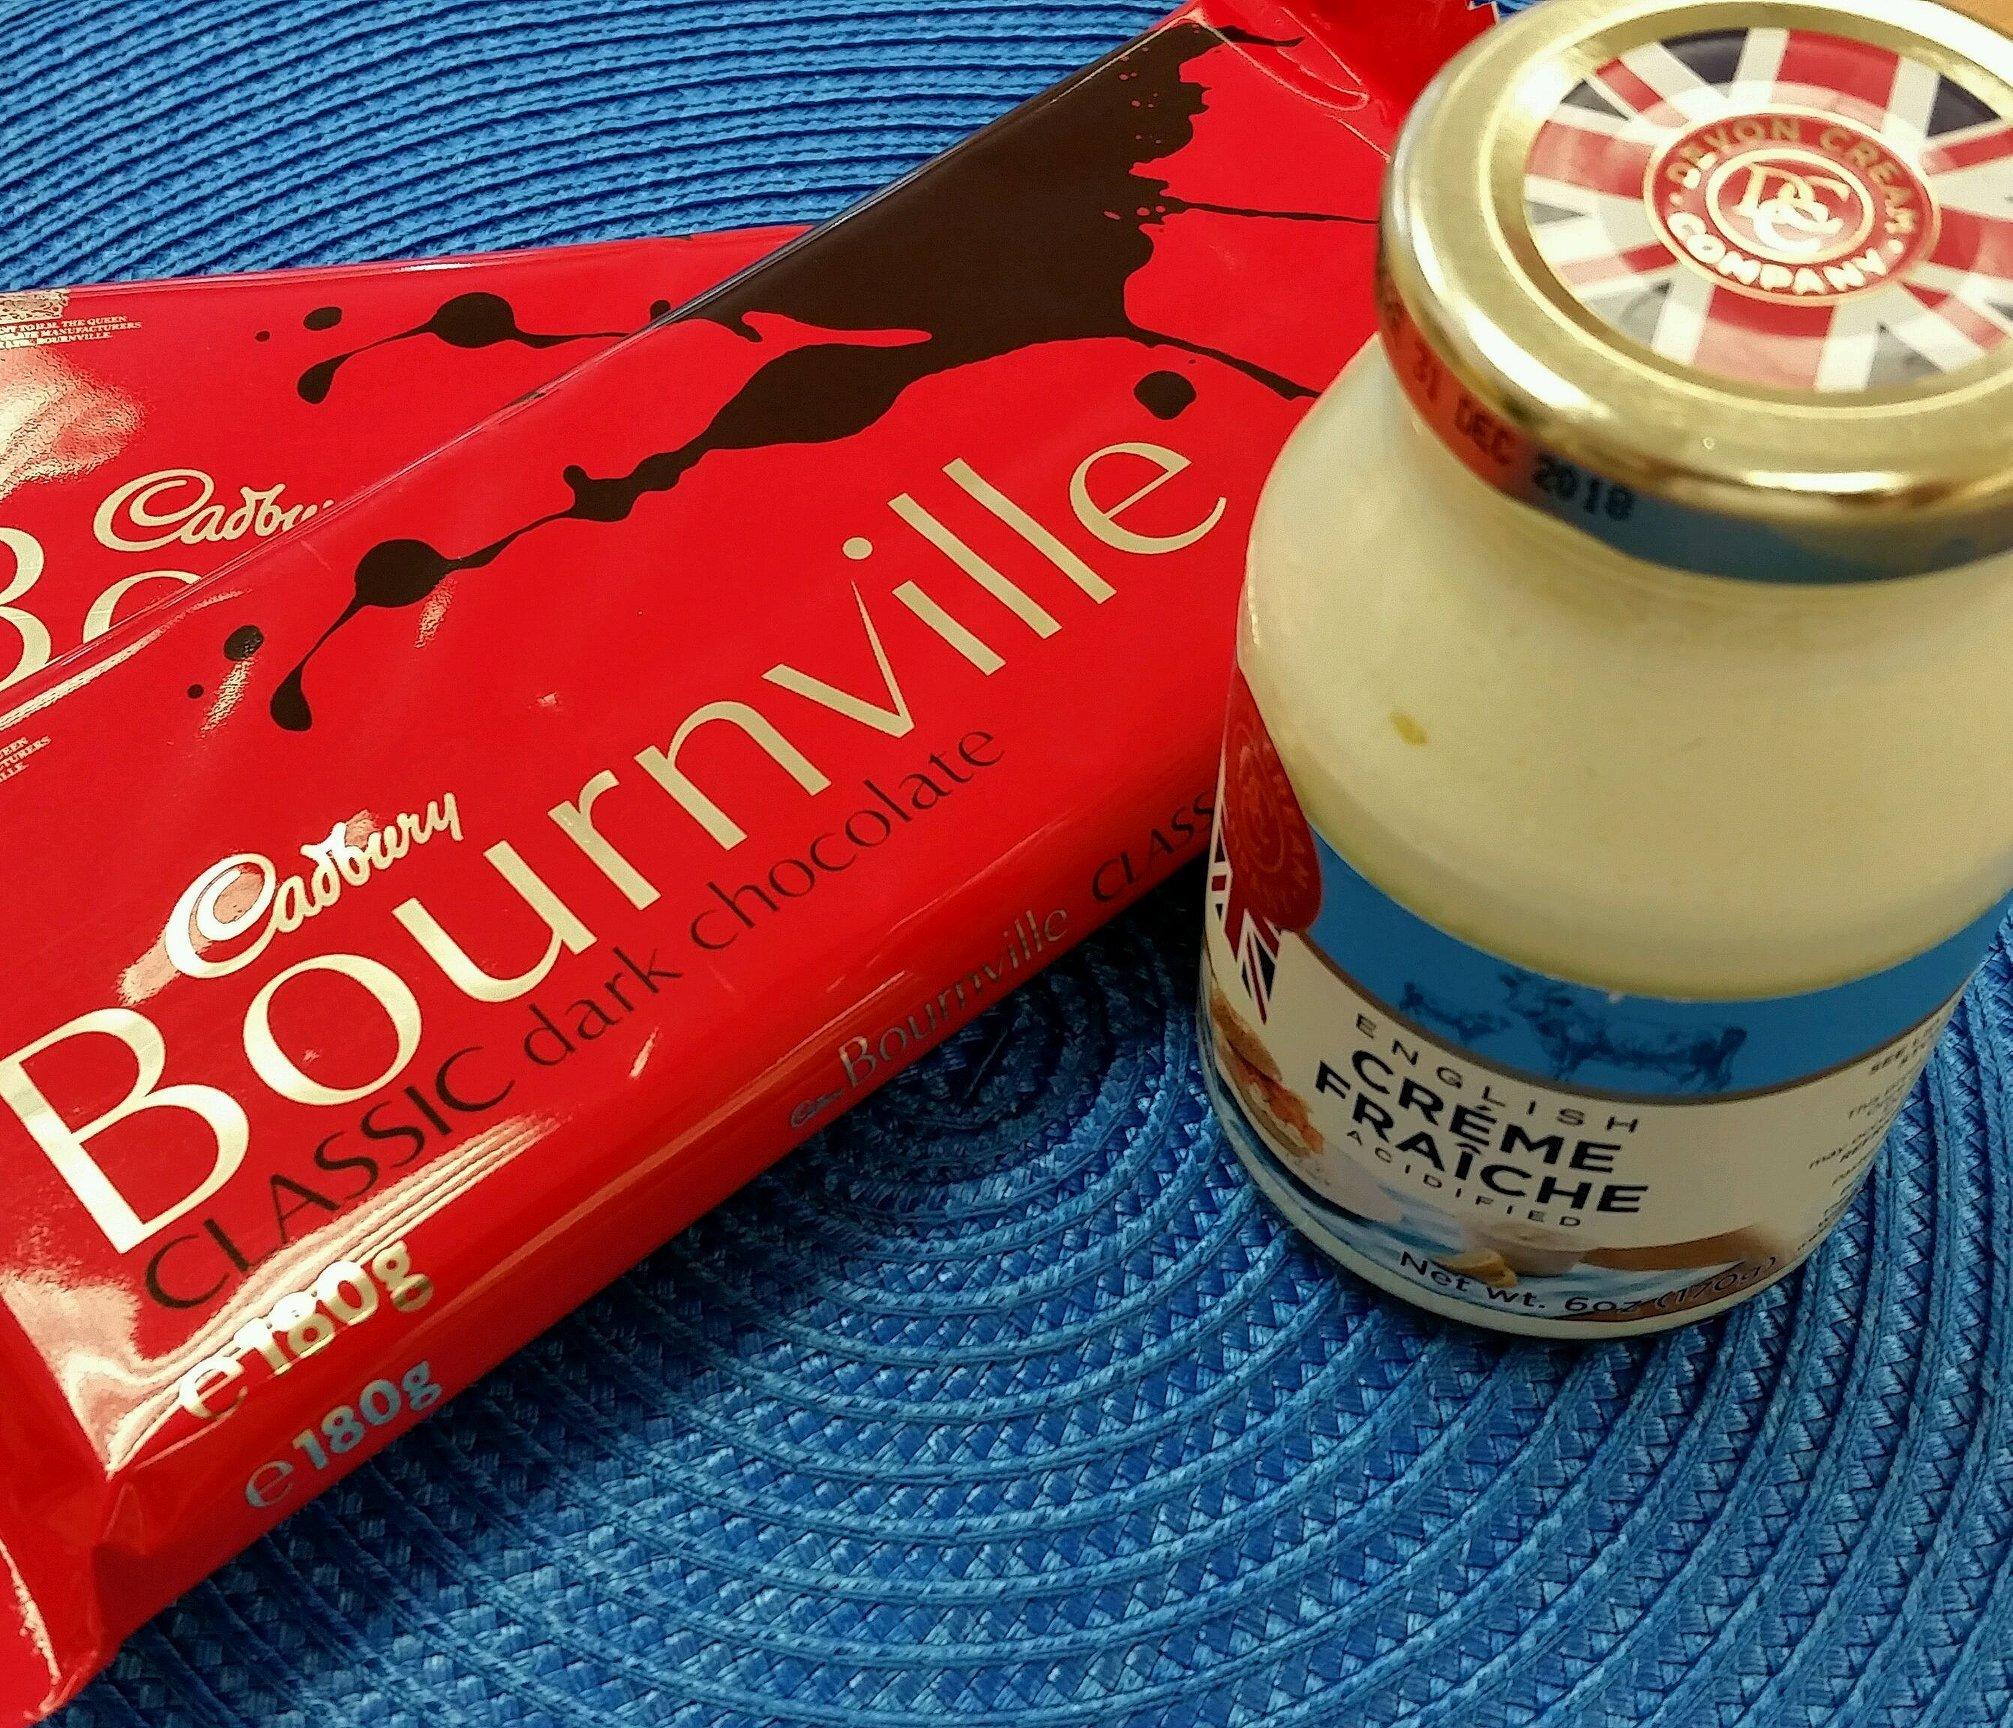 Bourneville Dark Chocolate